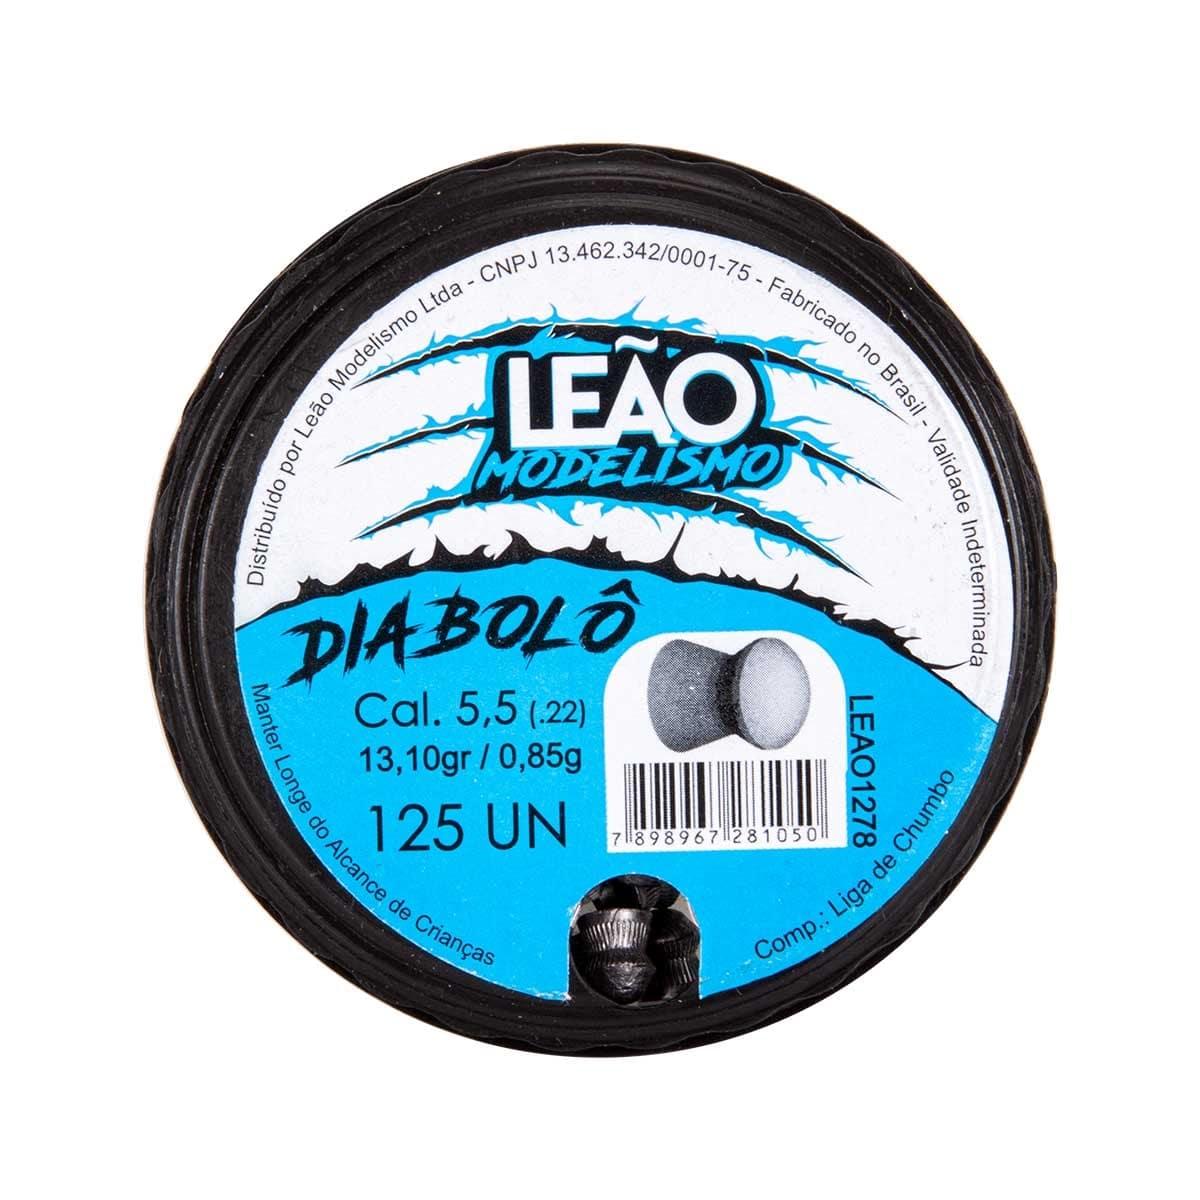 CHUMBINHO LEAO DIABOLO 5.5MM 125UN